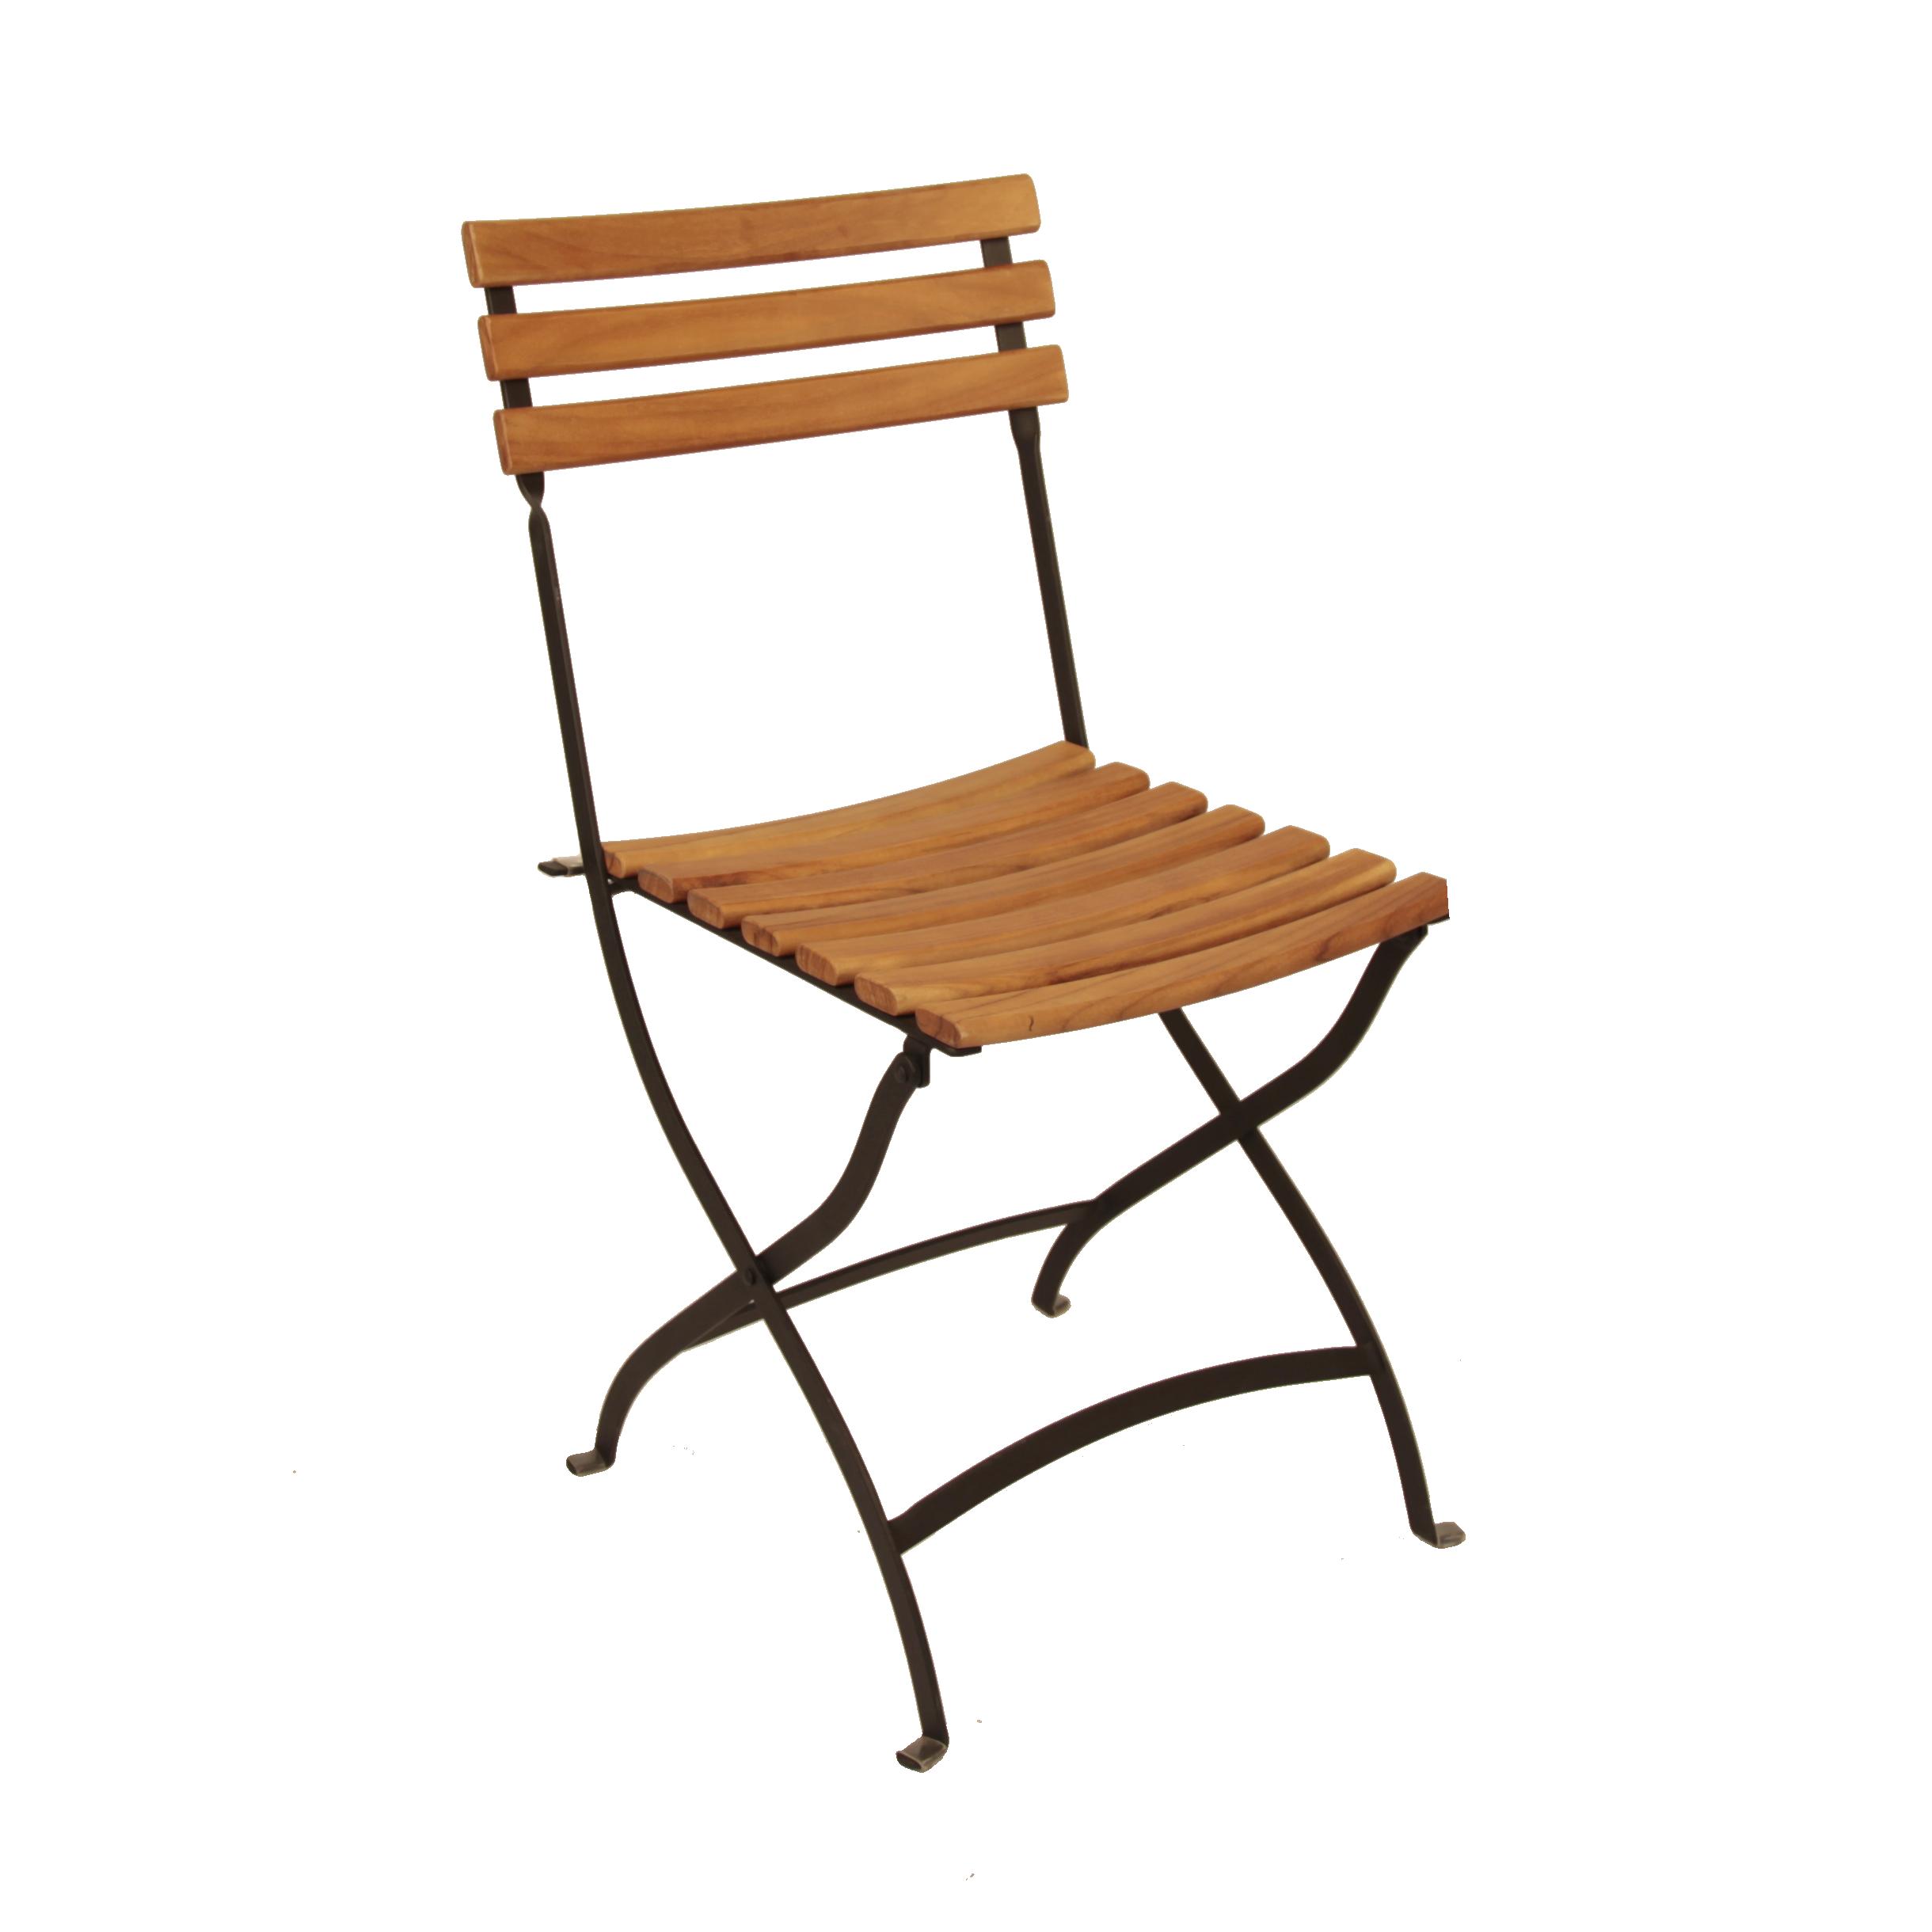 Klapstole til altan – design, komfort eller begge dele